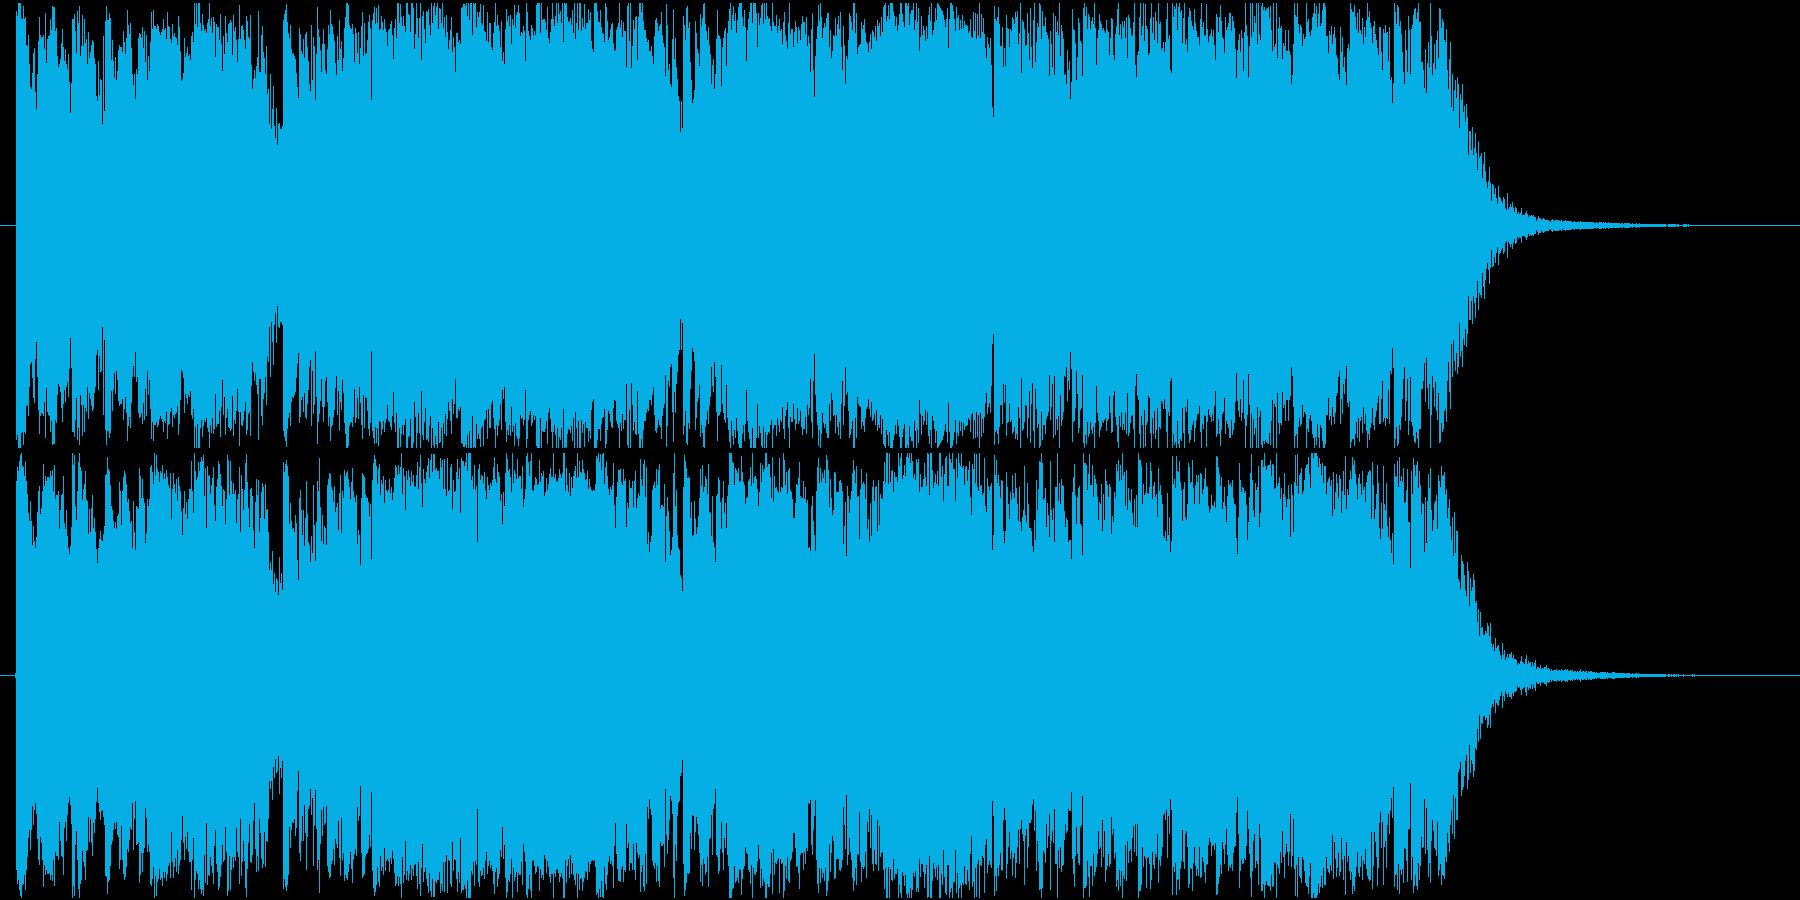 尺八・筝・太鼓による激しい和楽器ジングルの再生済みの波形